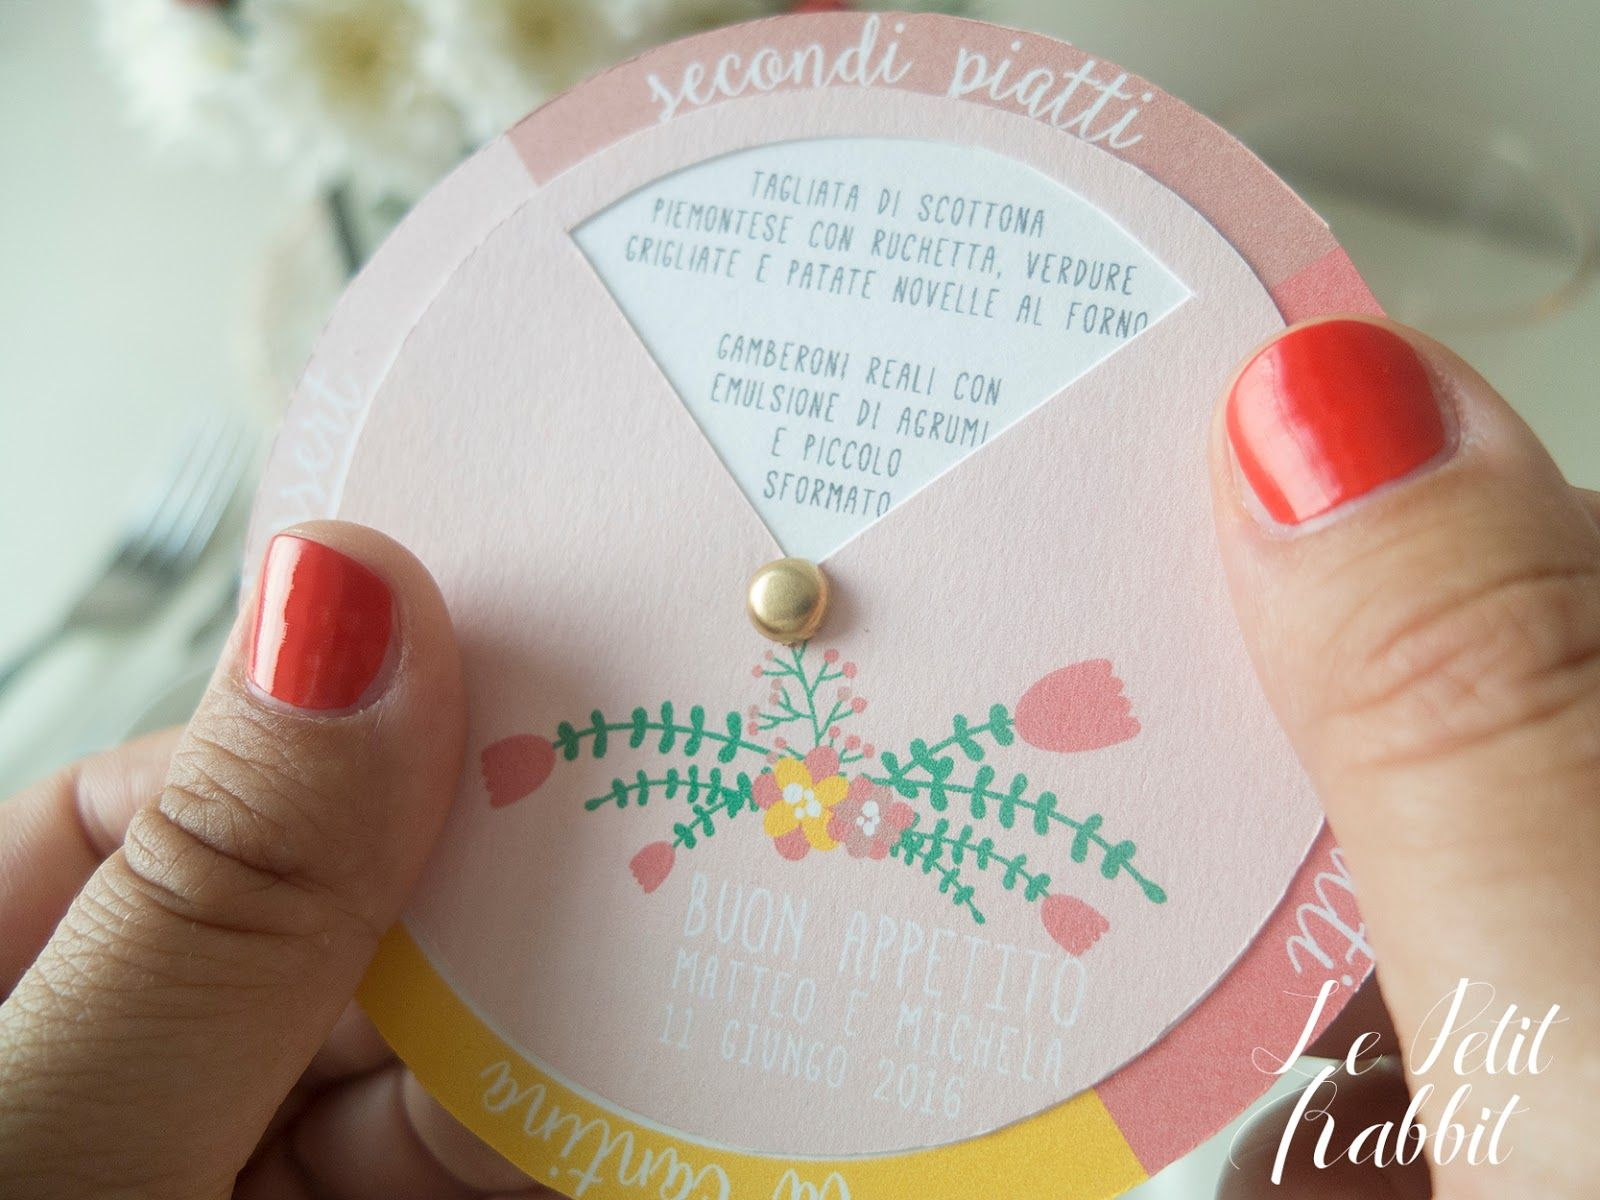 Le Petit Rabbit: [WEDDING] Wedding Tips #02: il Menù